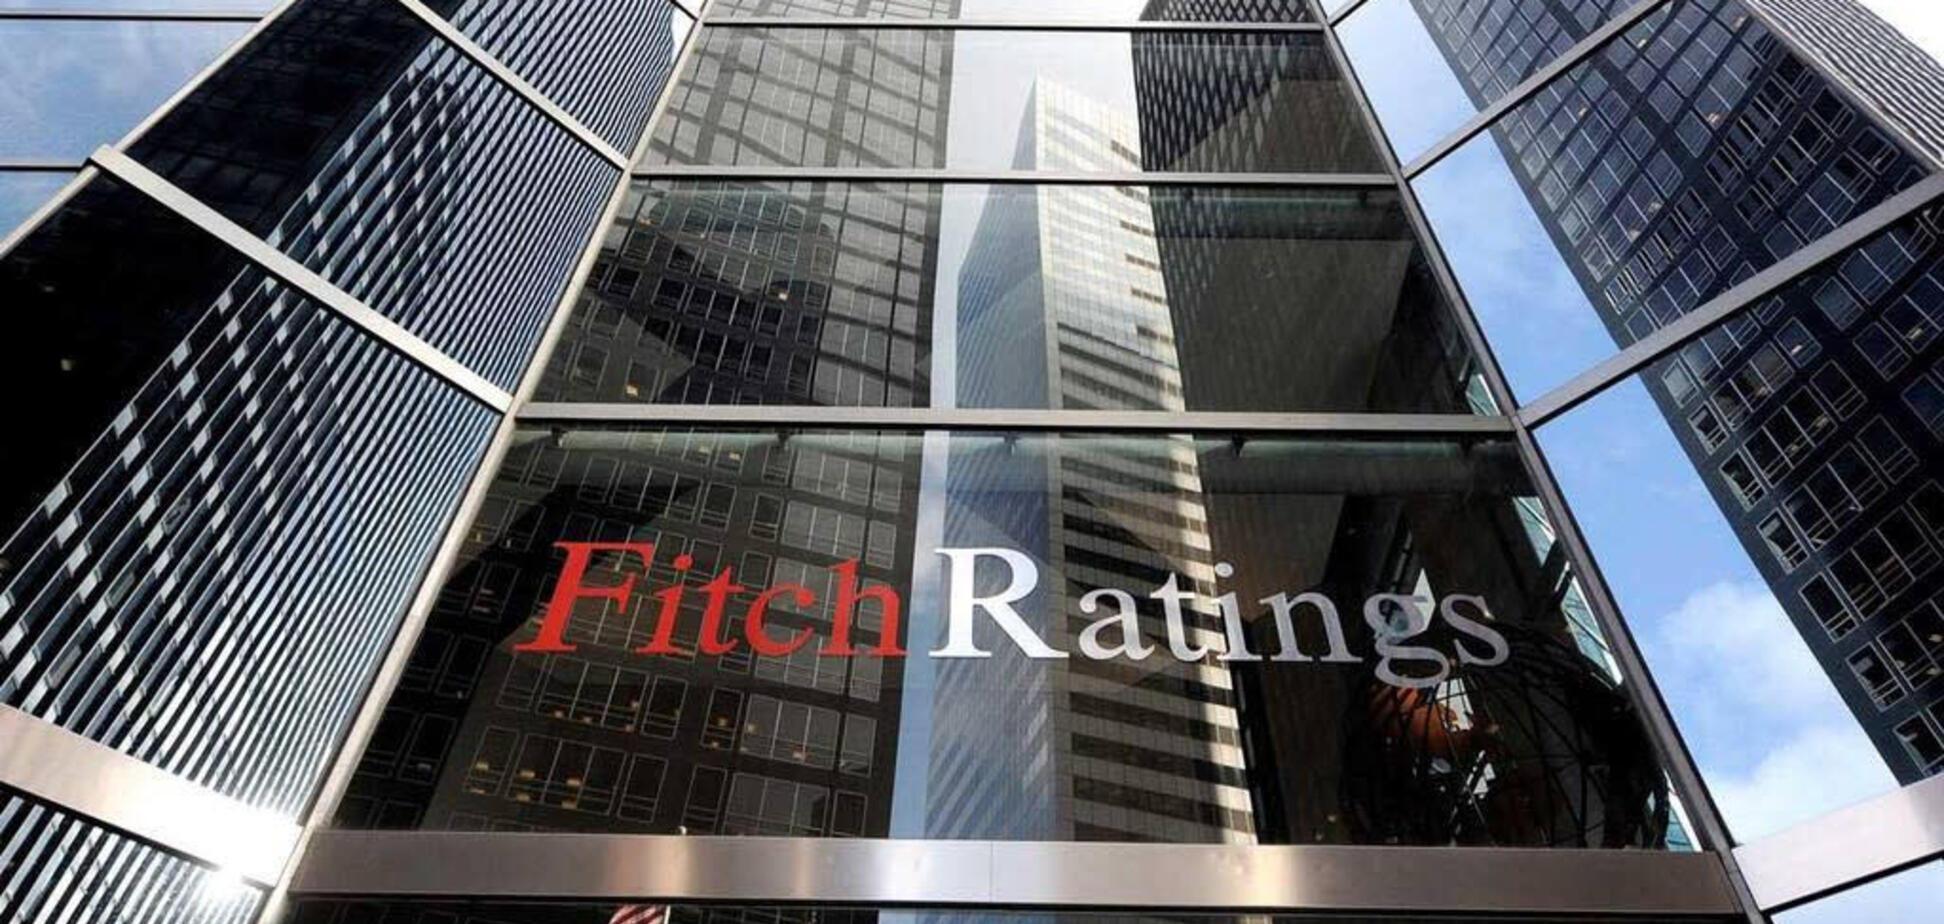 На порозі кризи: будівельним компаніям Китаю знизили рейтинги